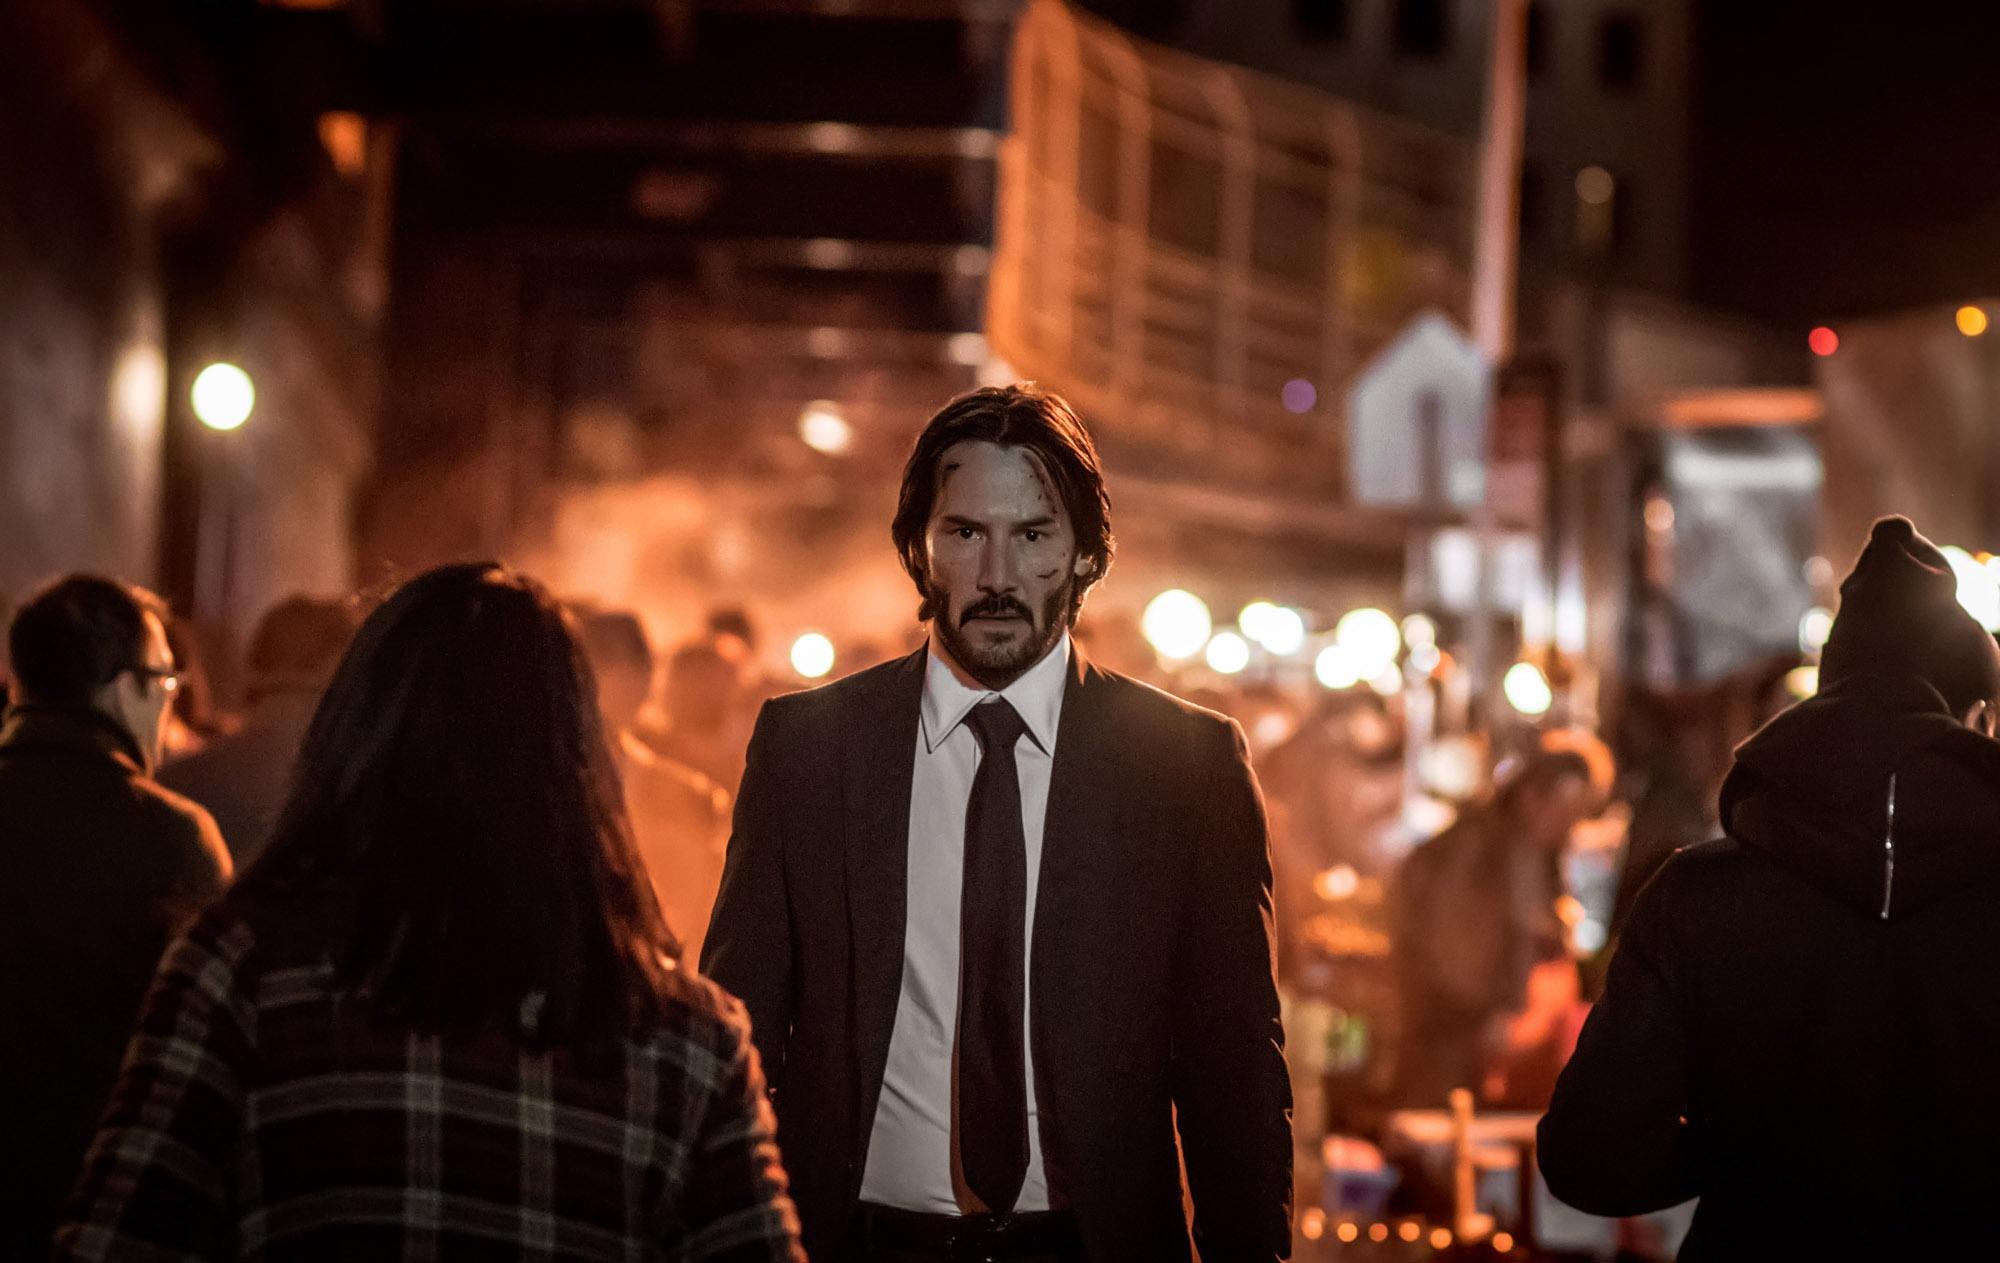 《疾速追杀3》定档2019年5月 主创全员回归剧组_好莱坞